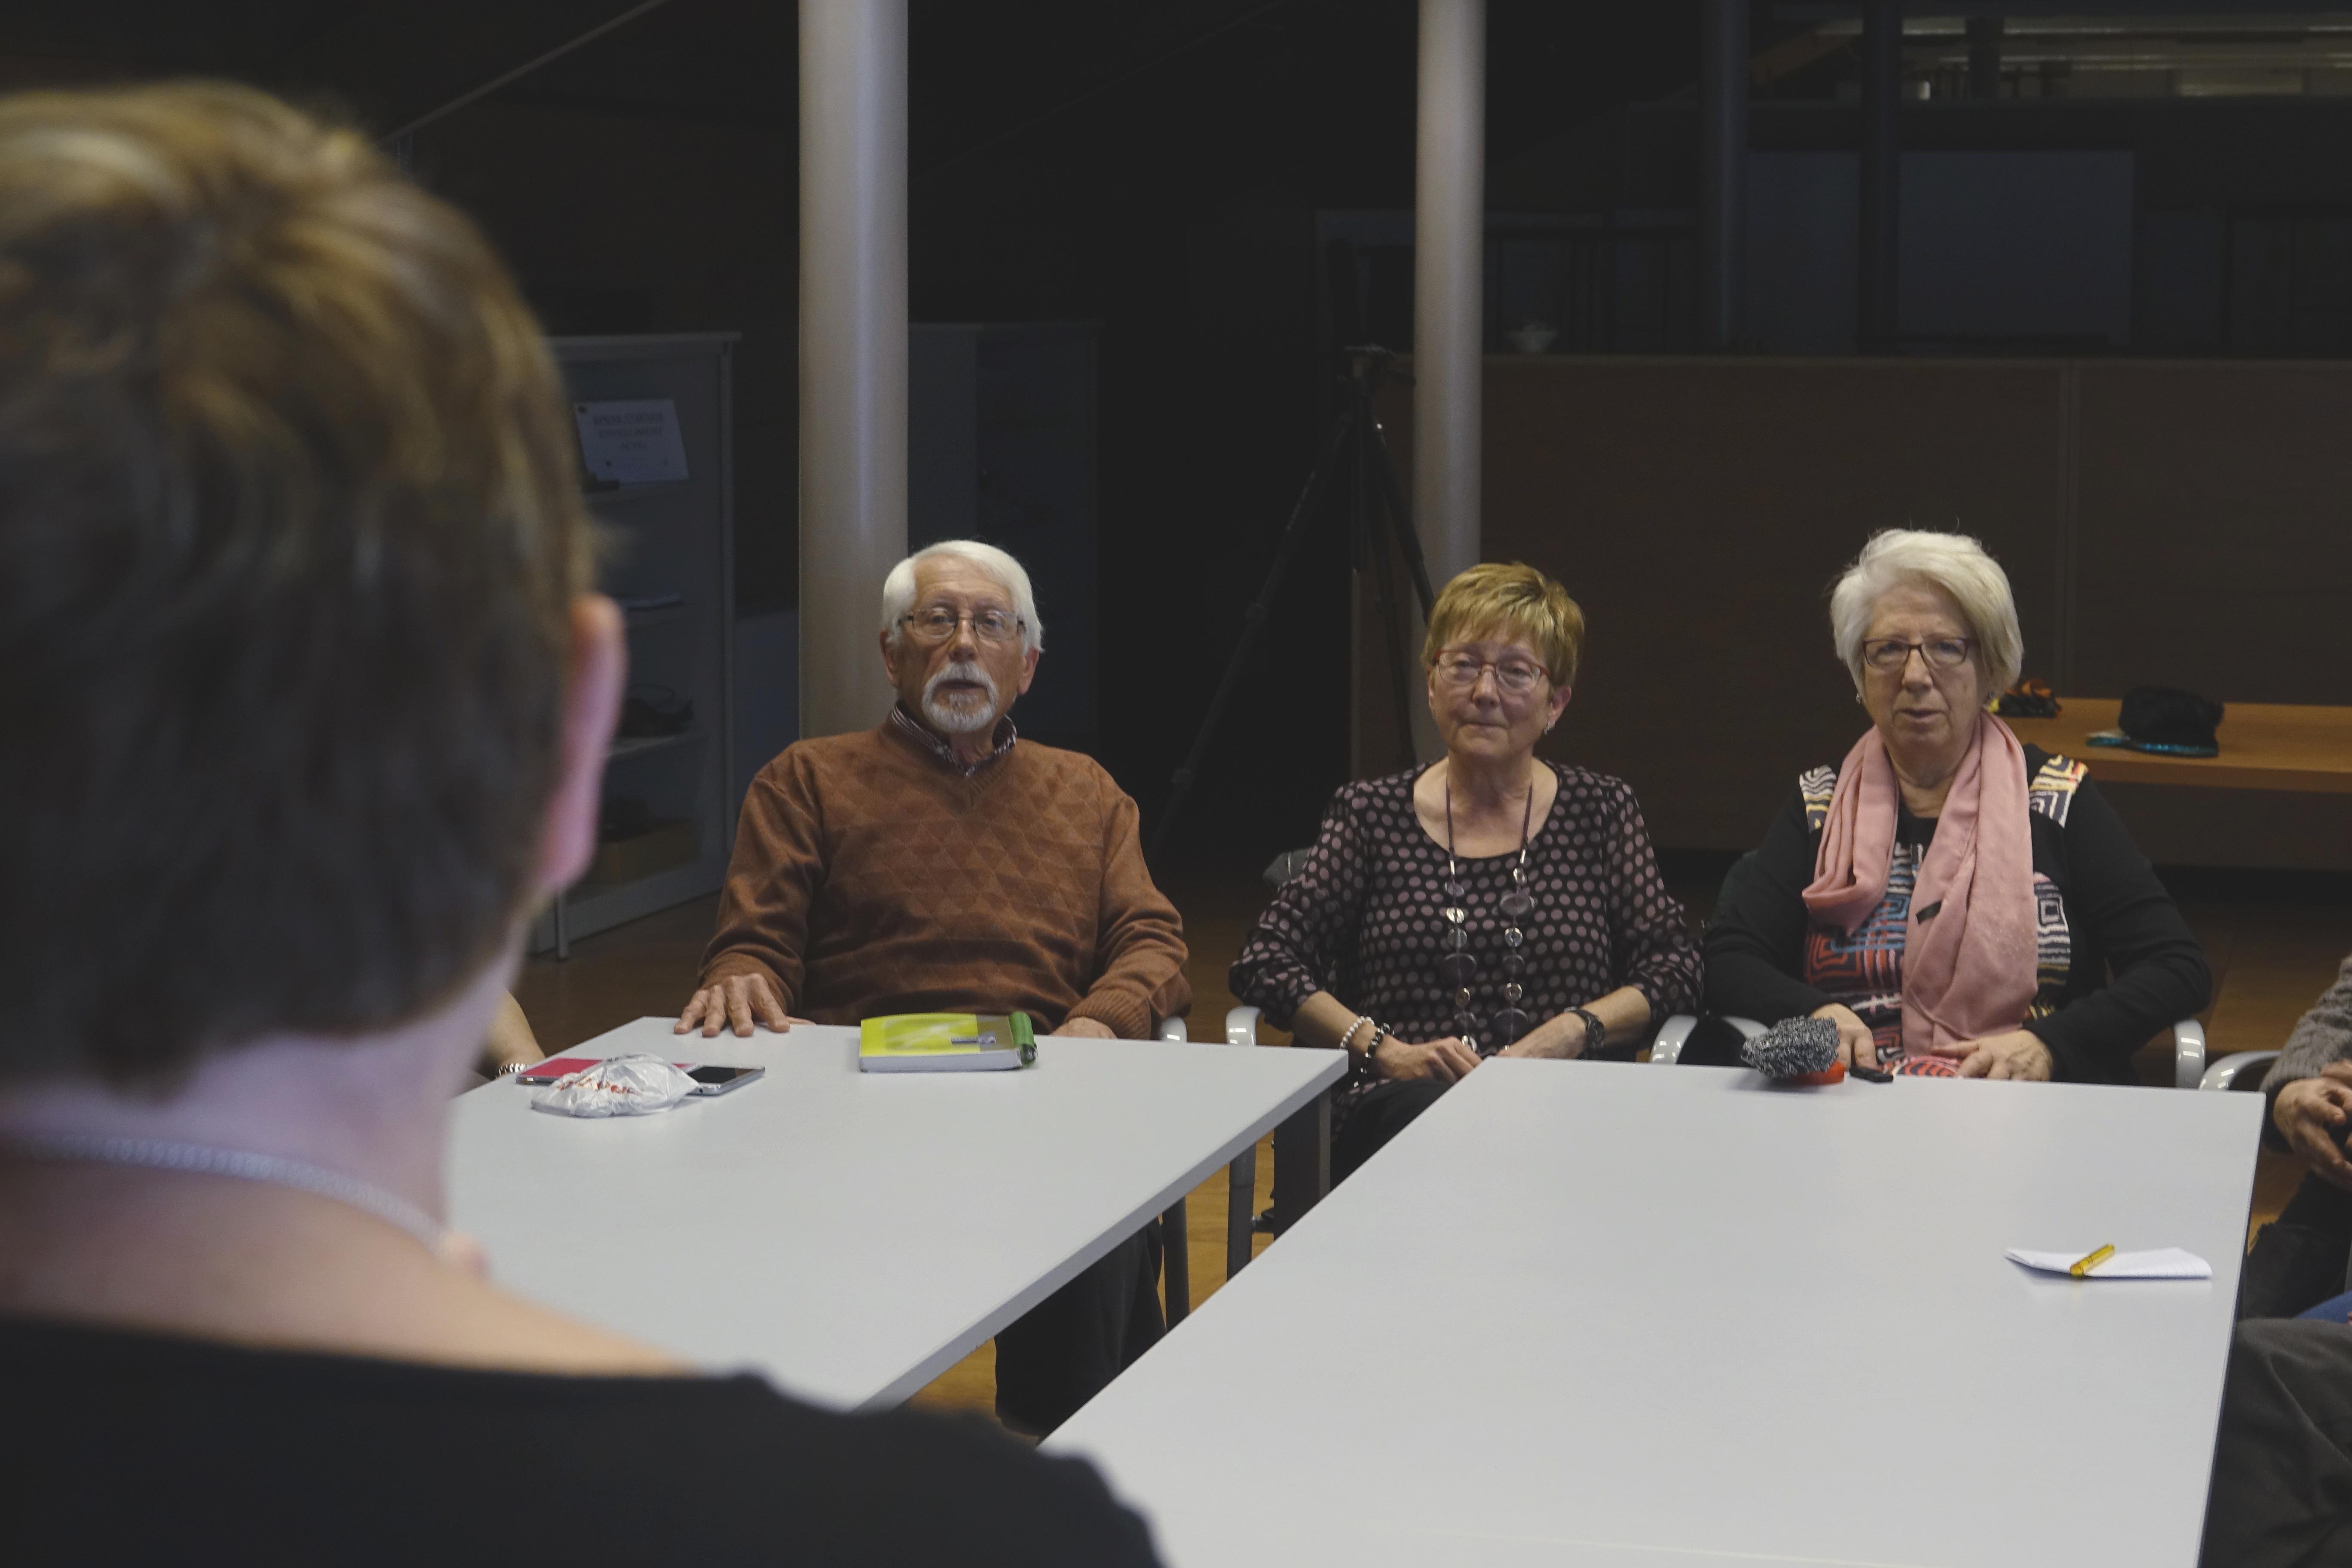 Membres De SeniorLab Durant Una Presentació De Projectes